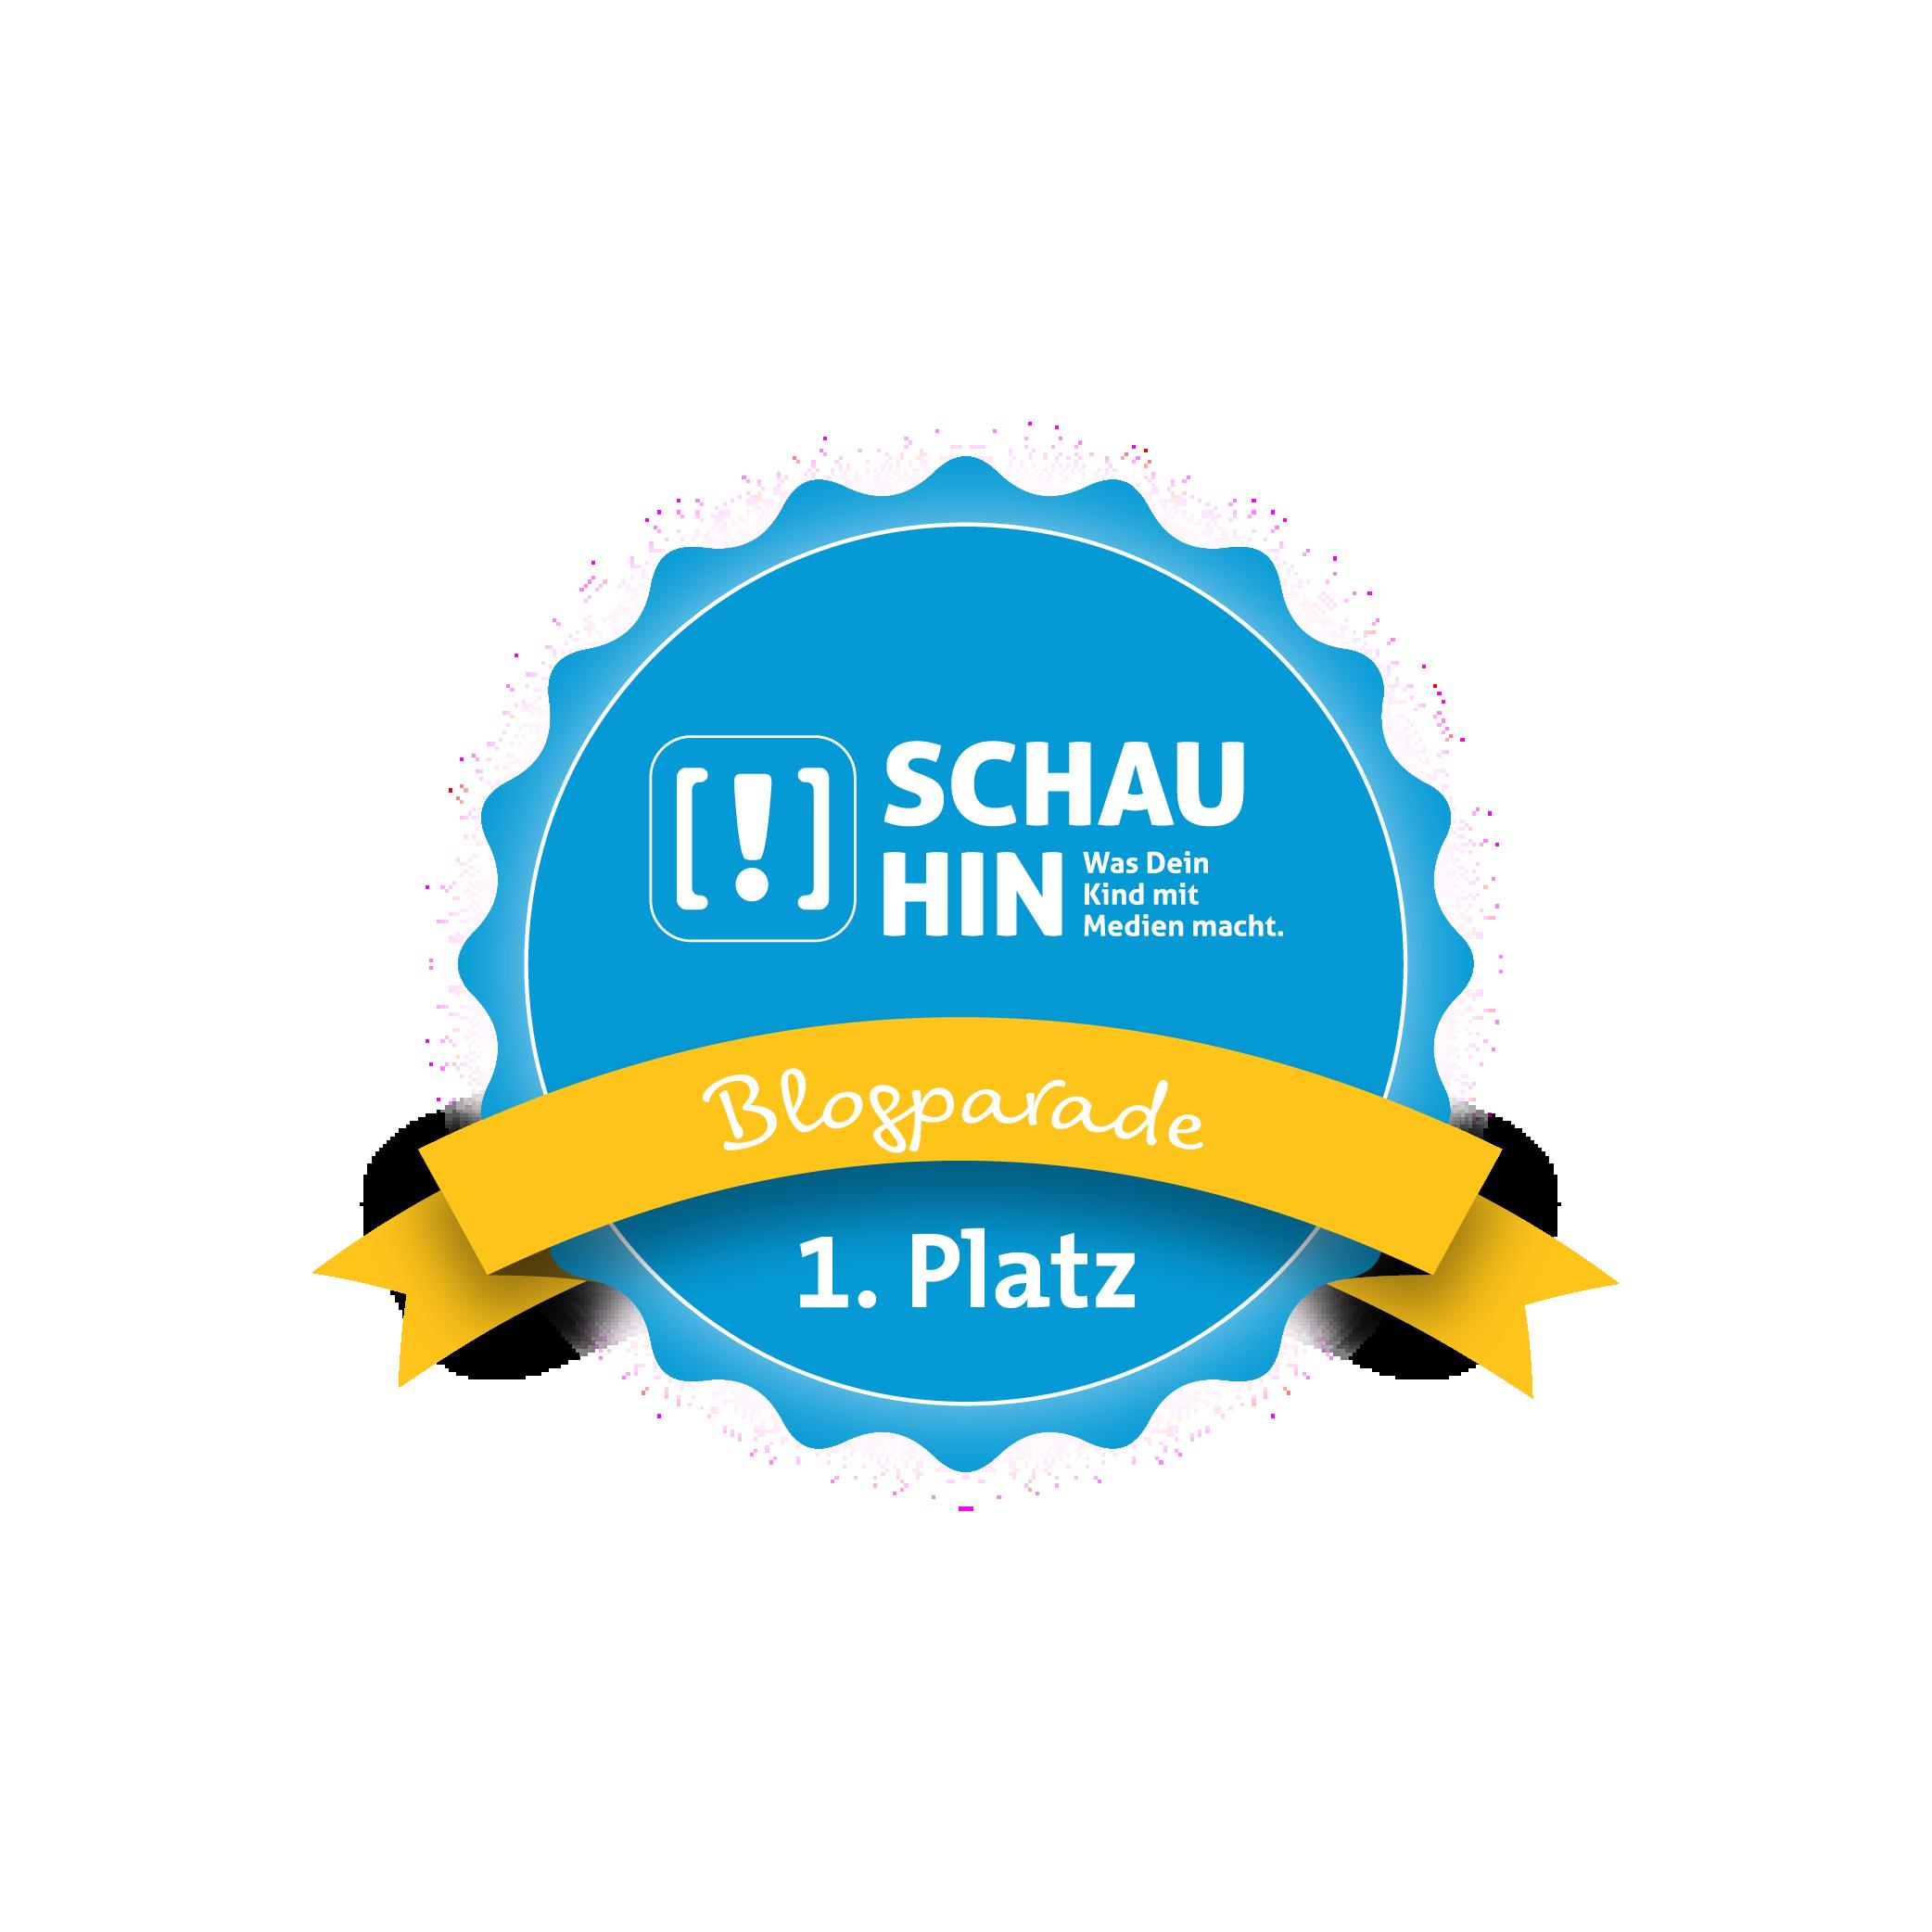 Platz 1 Schau Hin Blogparade